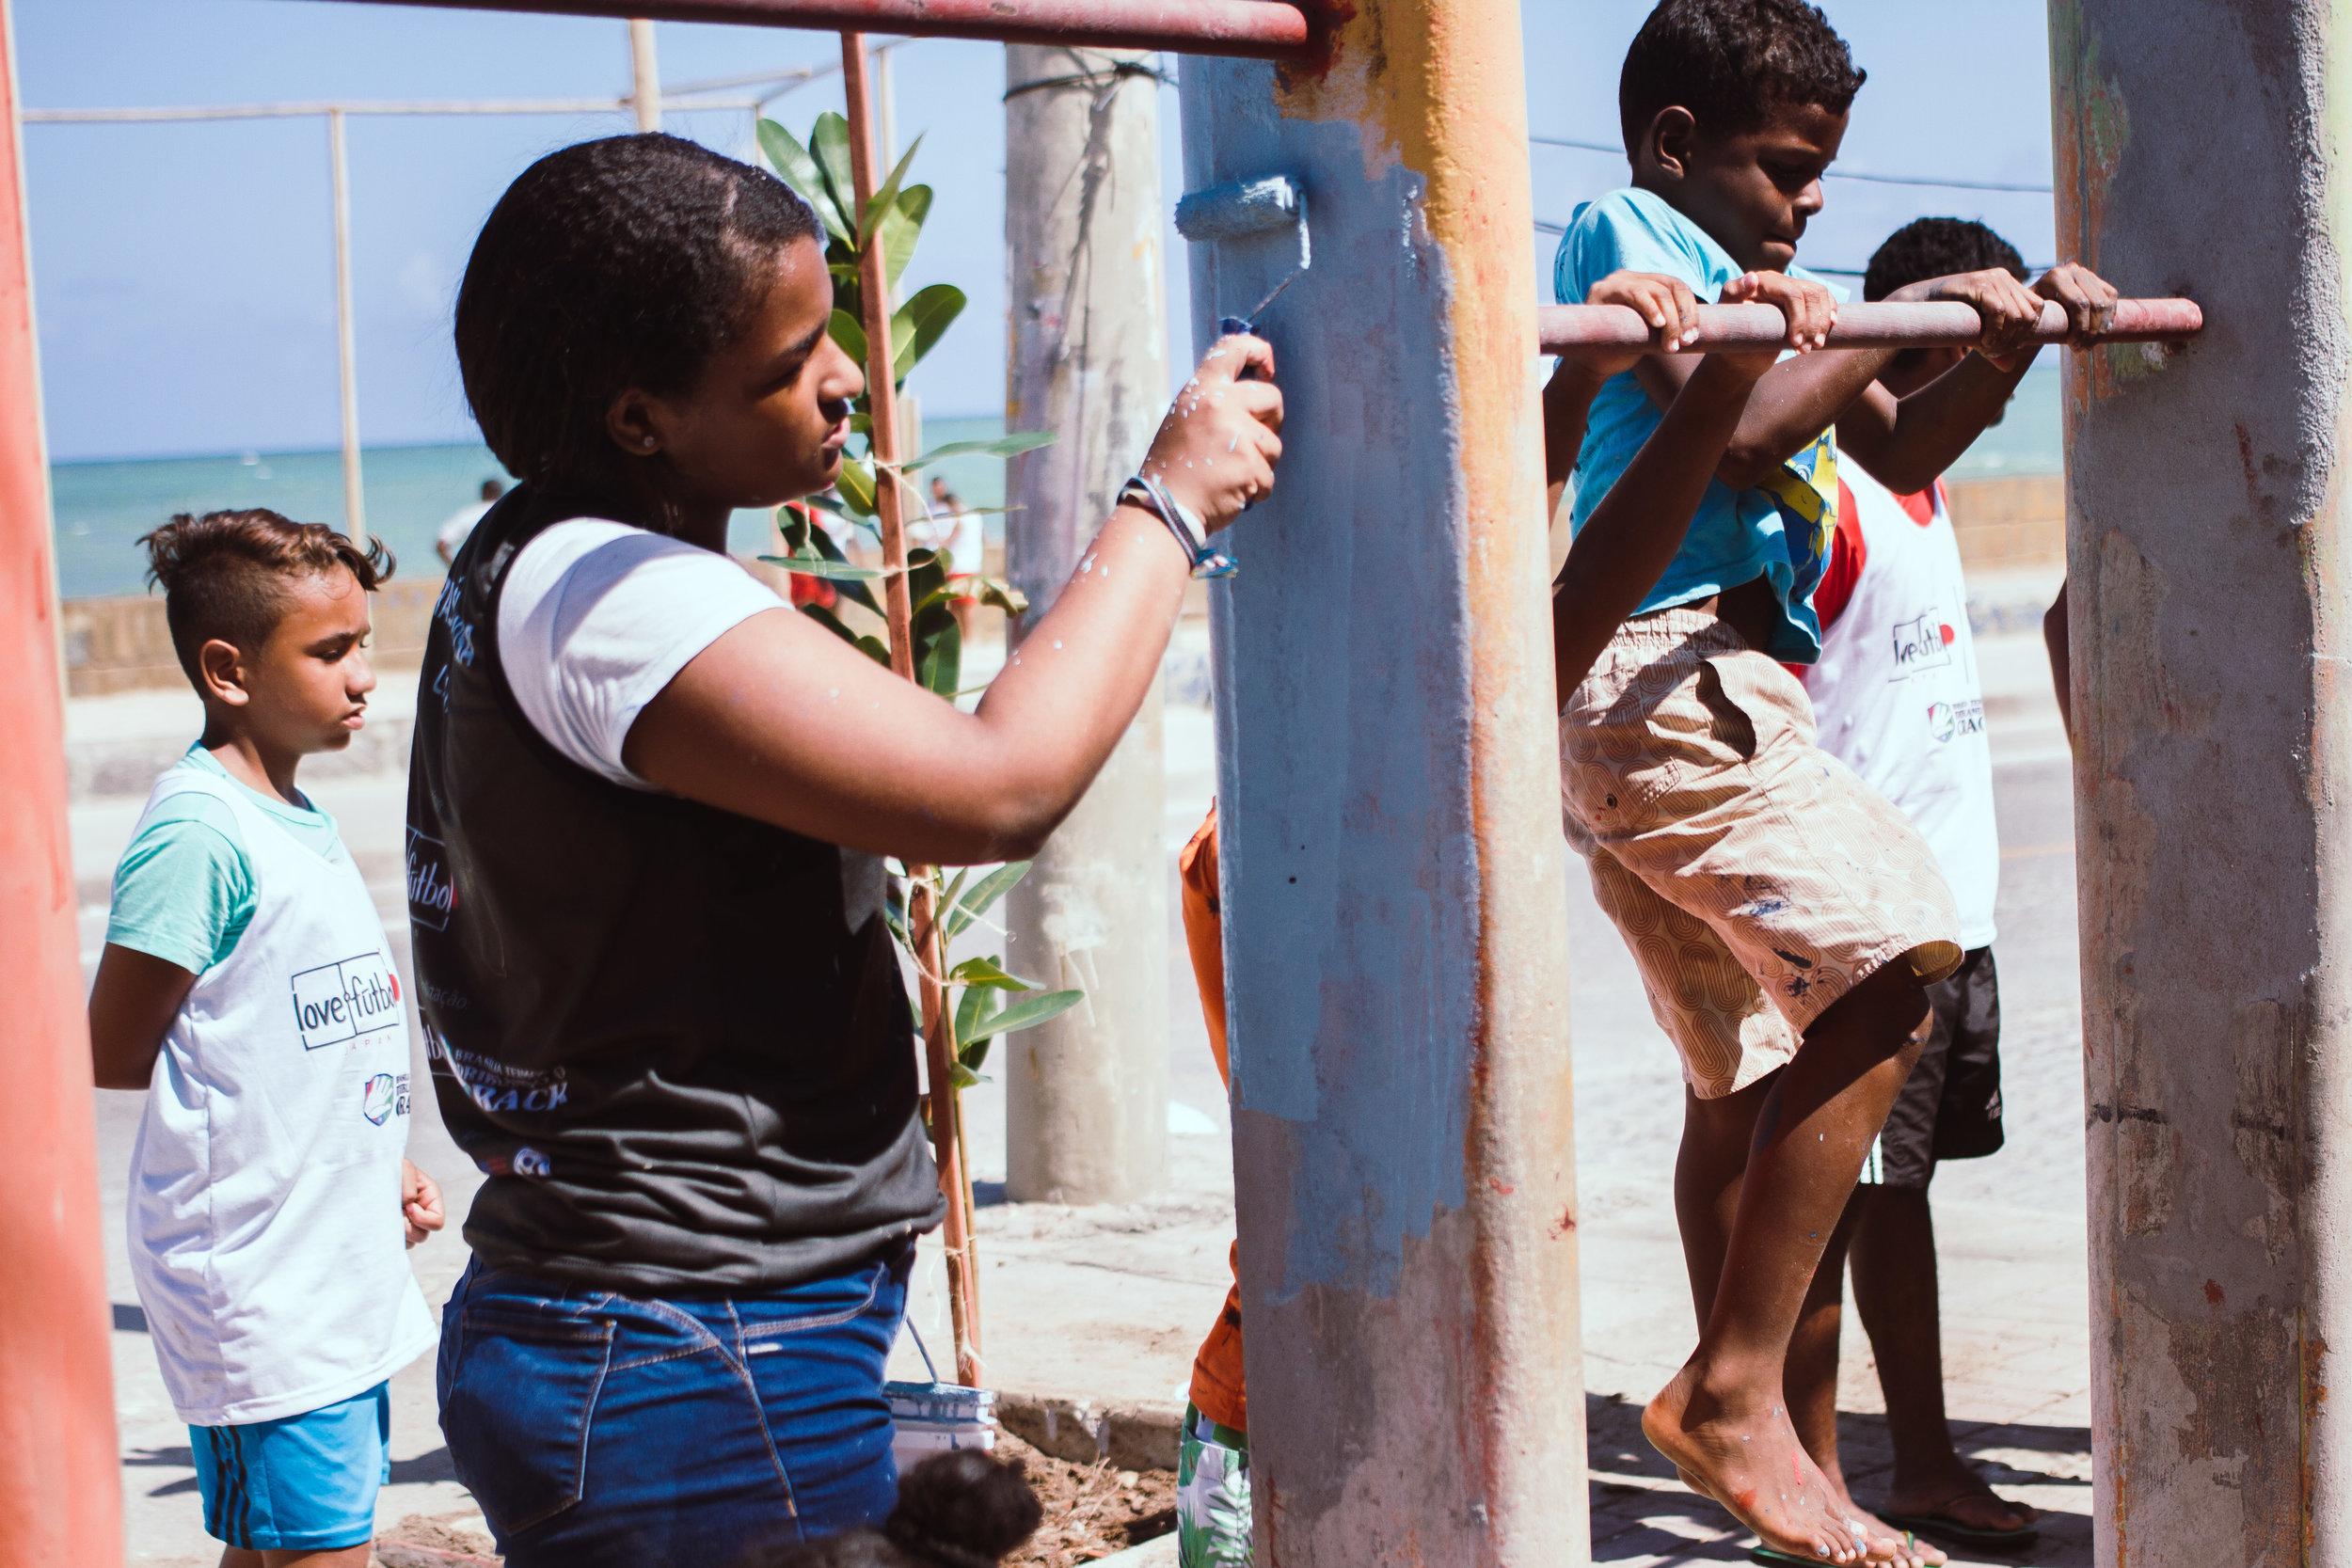 MUTIRAO BRASILIA TEIMOSA_PB TEIMOSA_PRISCILLABUHR-207.jpg